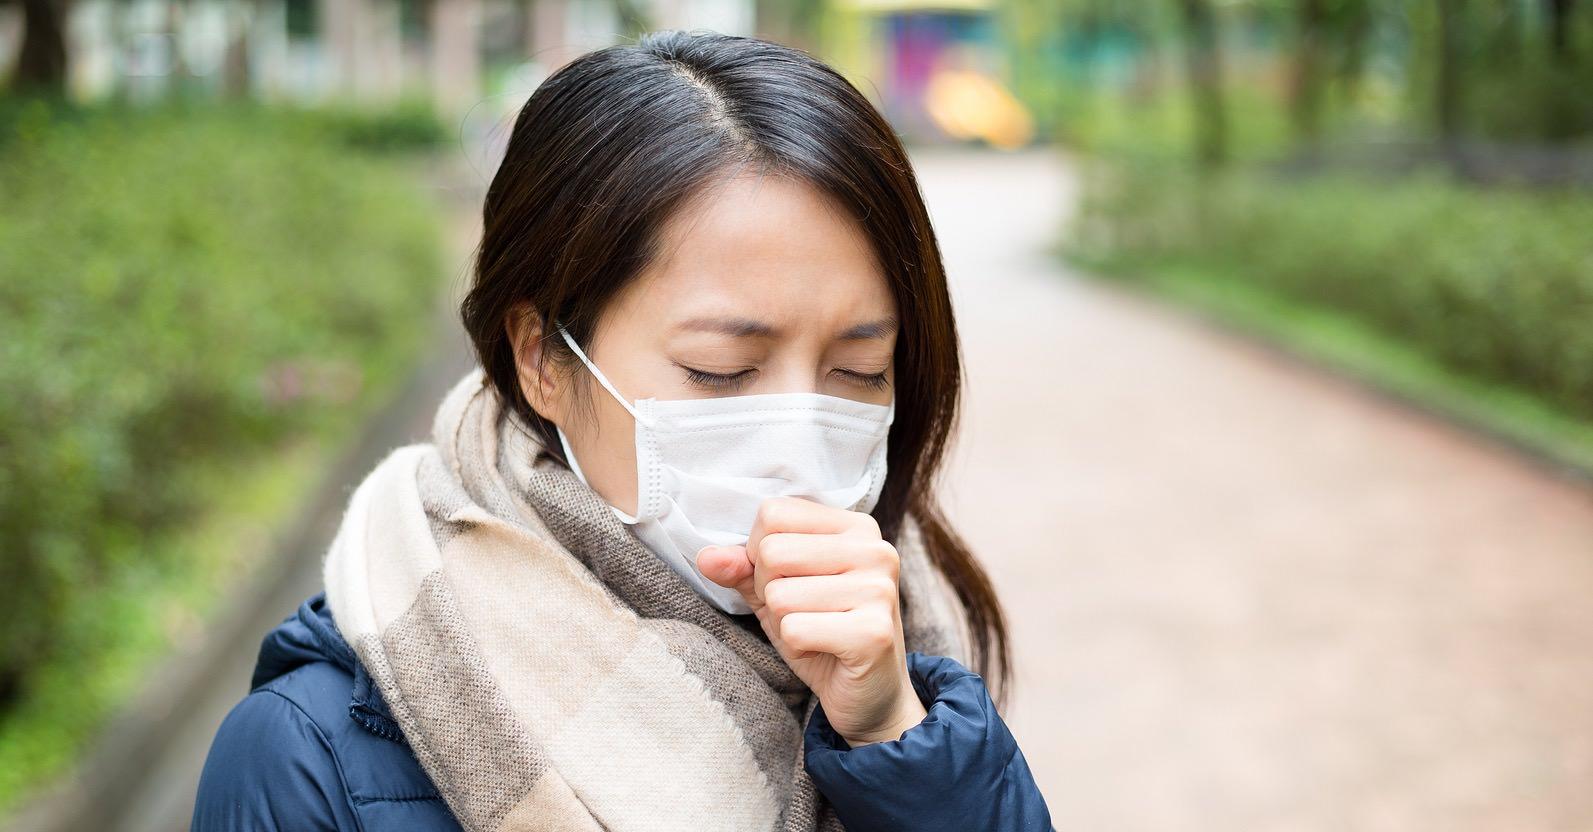 ما الفرق بين أعراض الإنفلونزا وفيروس كورونا ؟ - المشاهدات : 4.5K